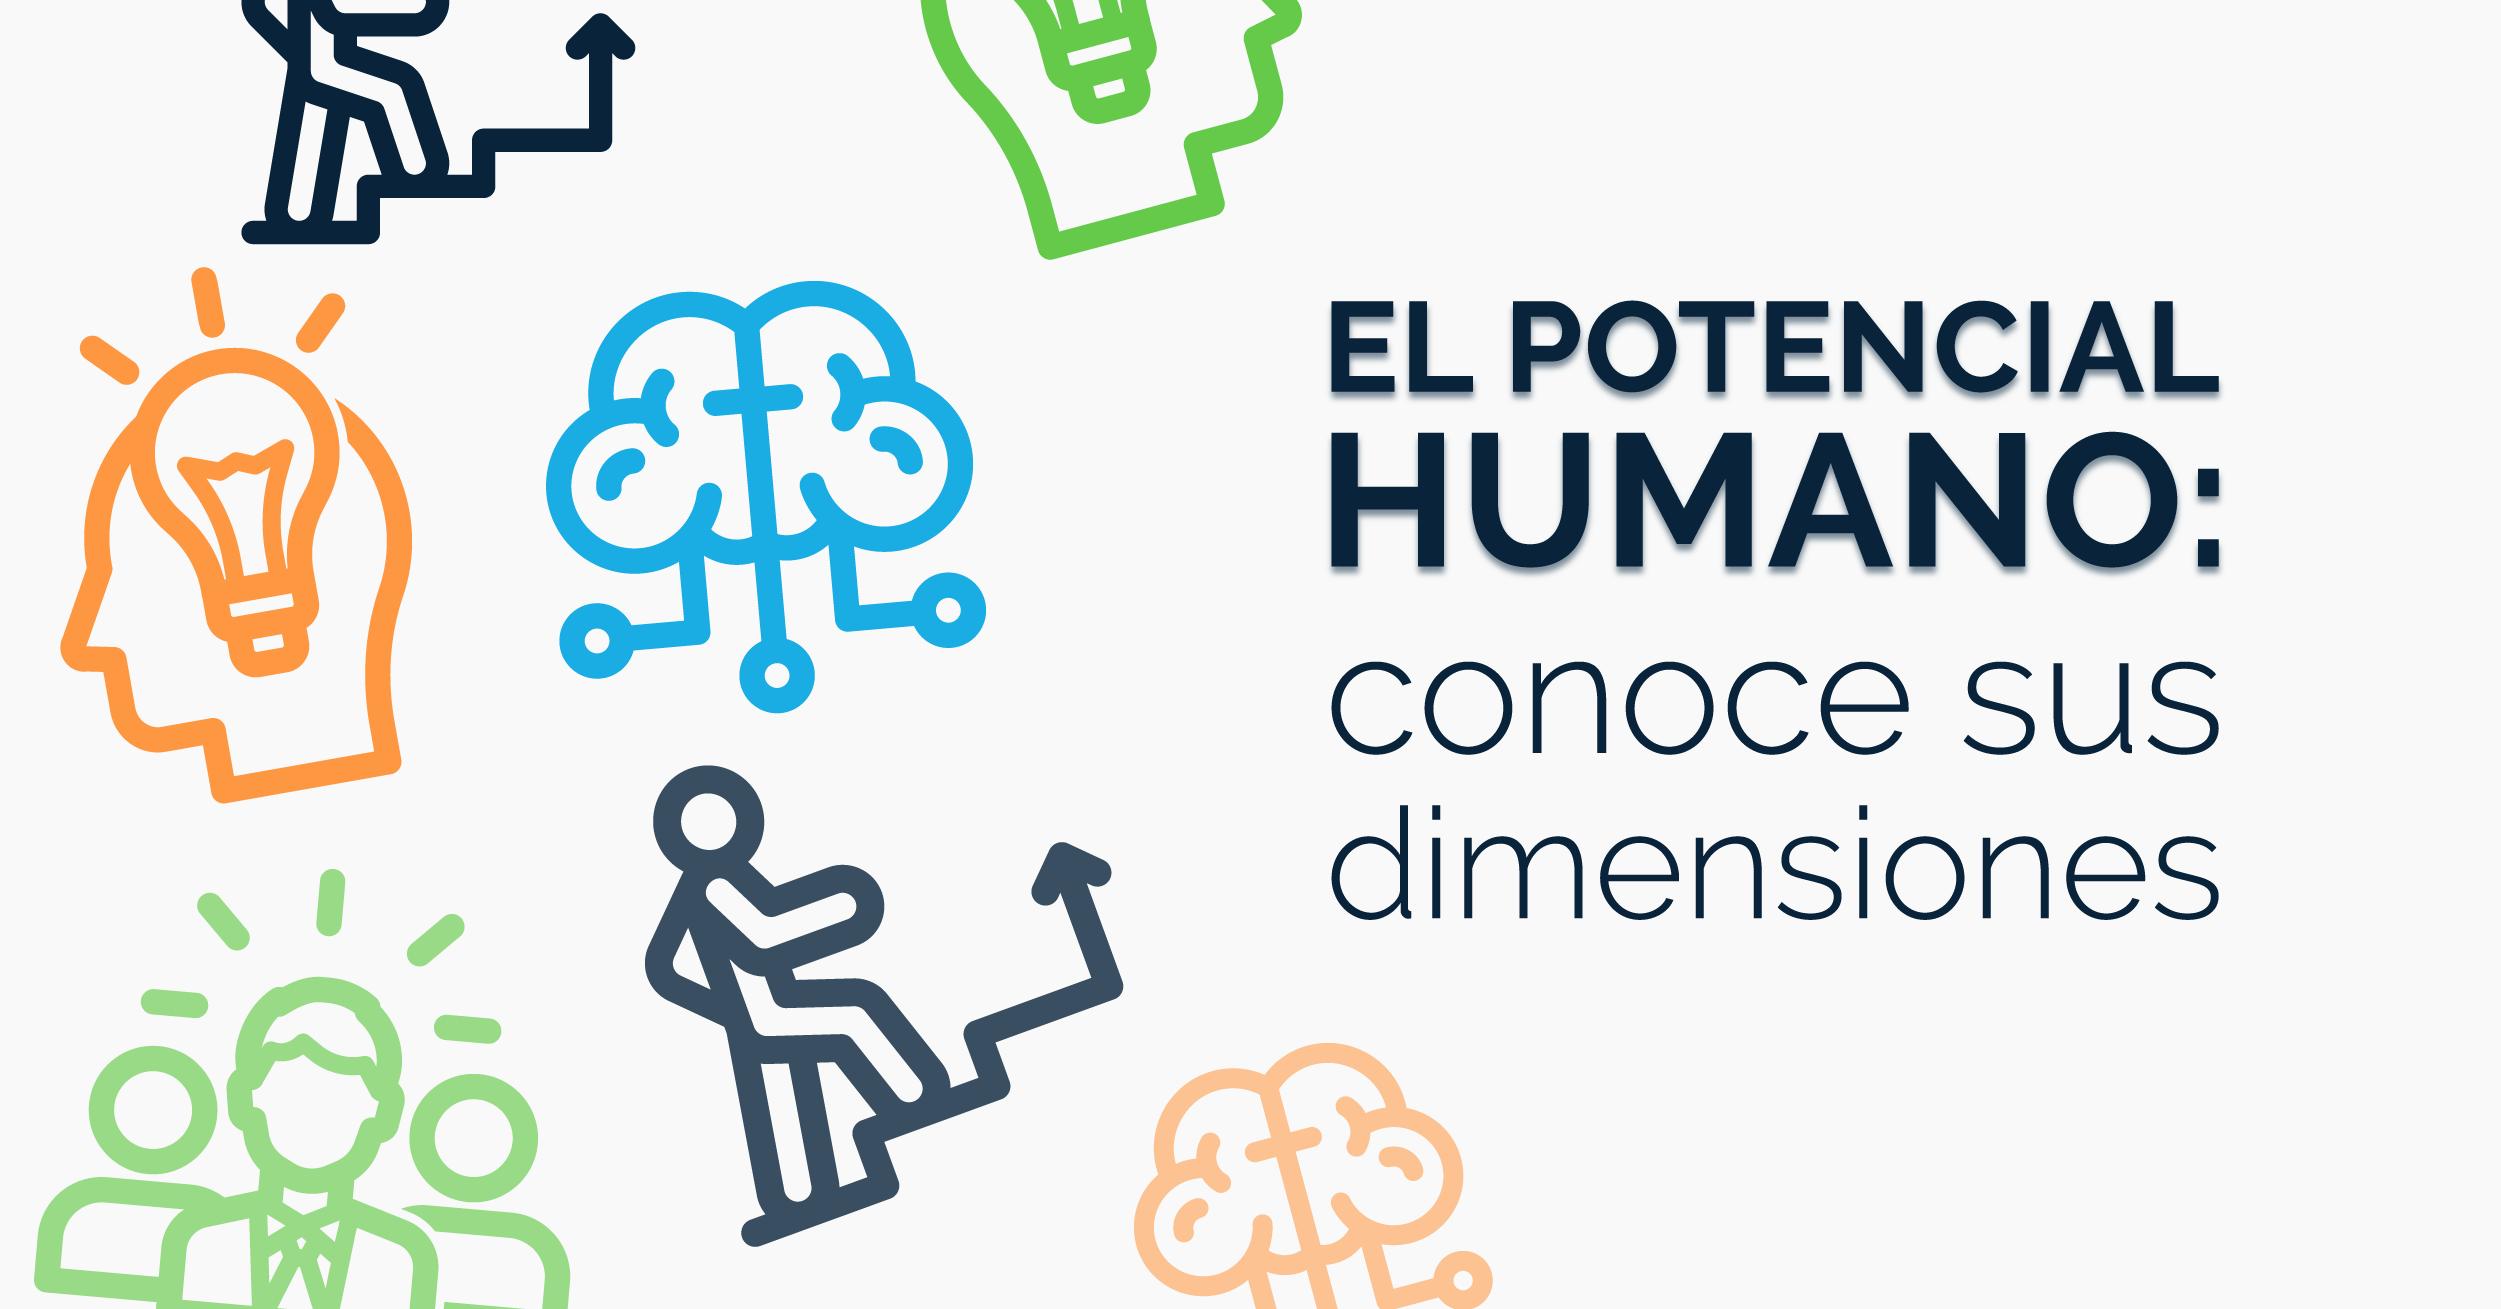 El potencial humano: conoce sus dimensiones